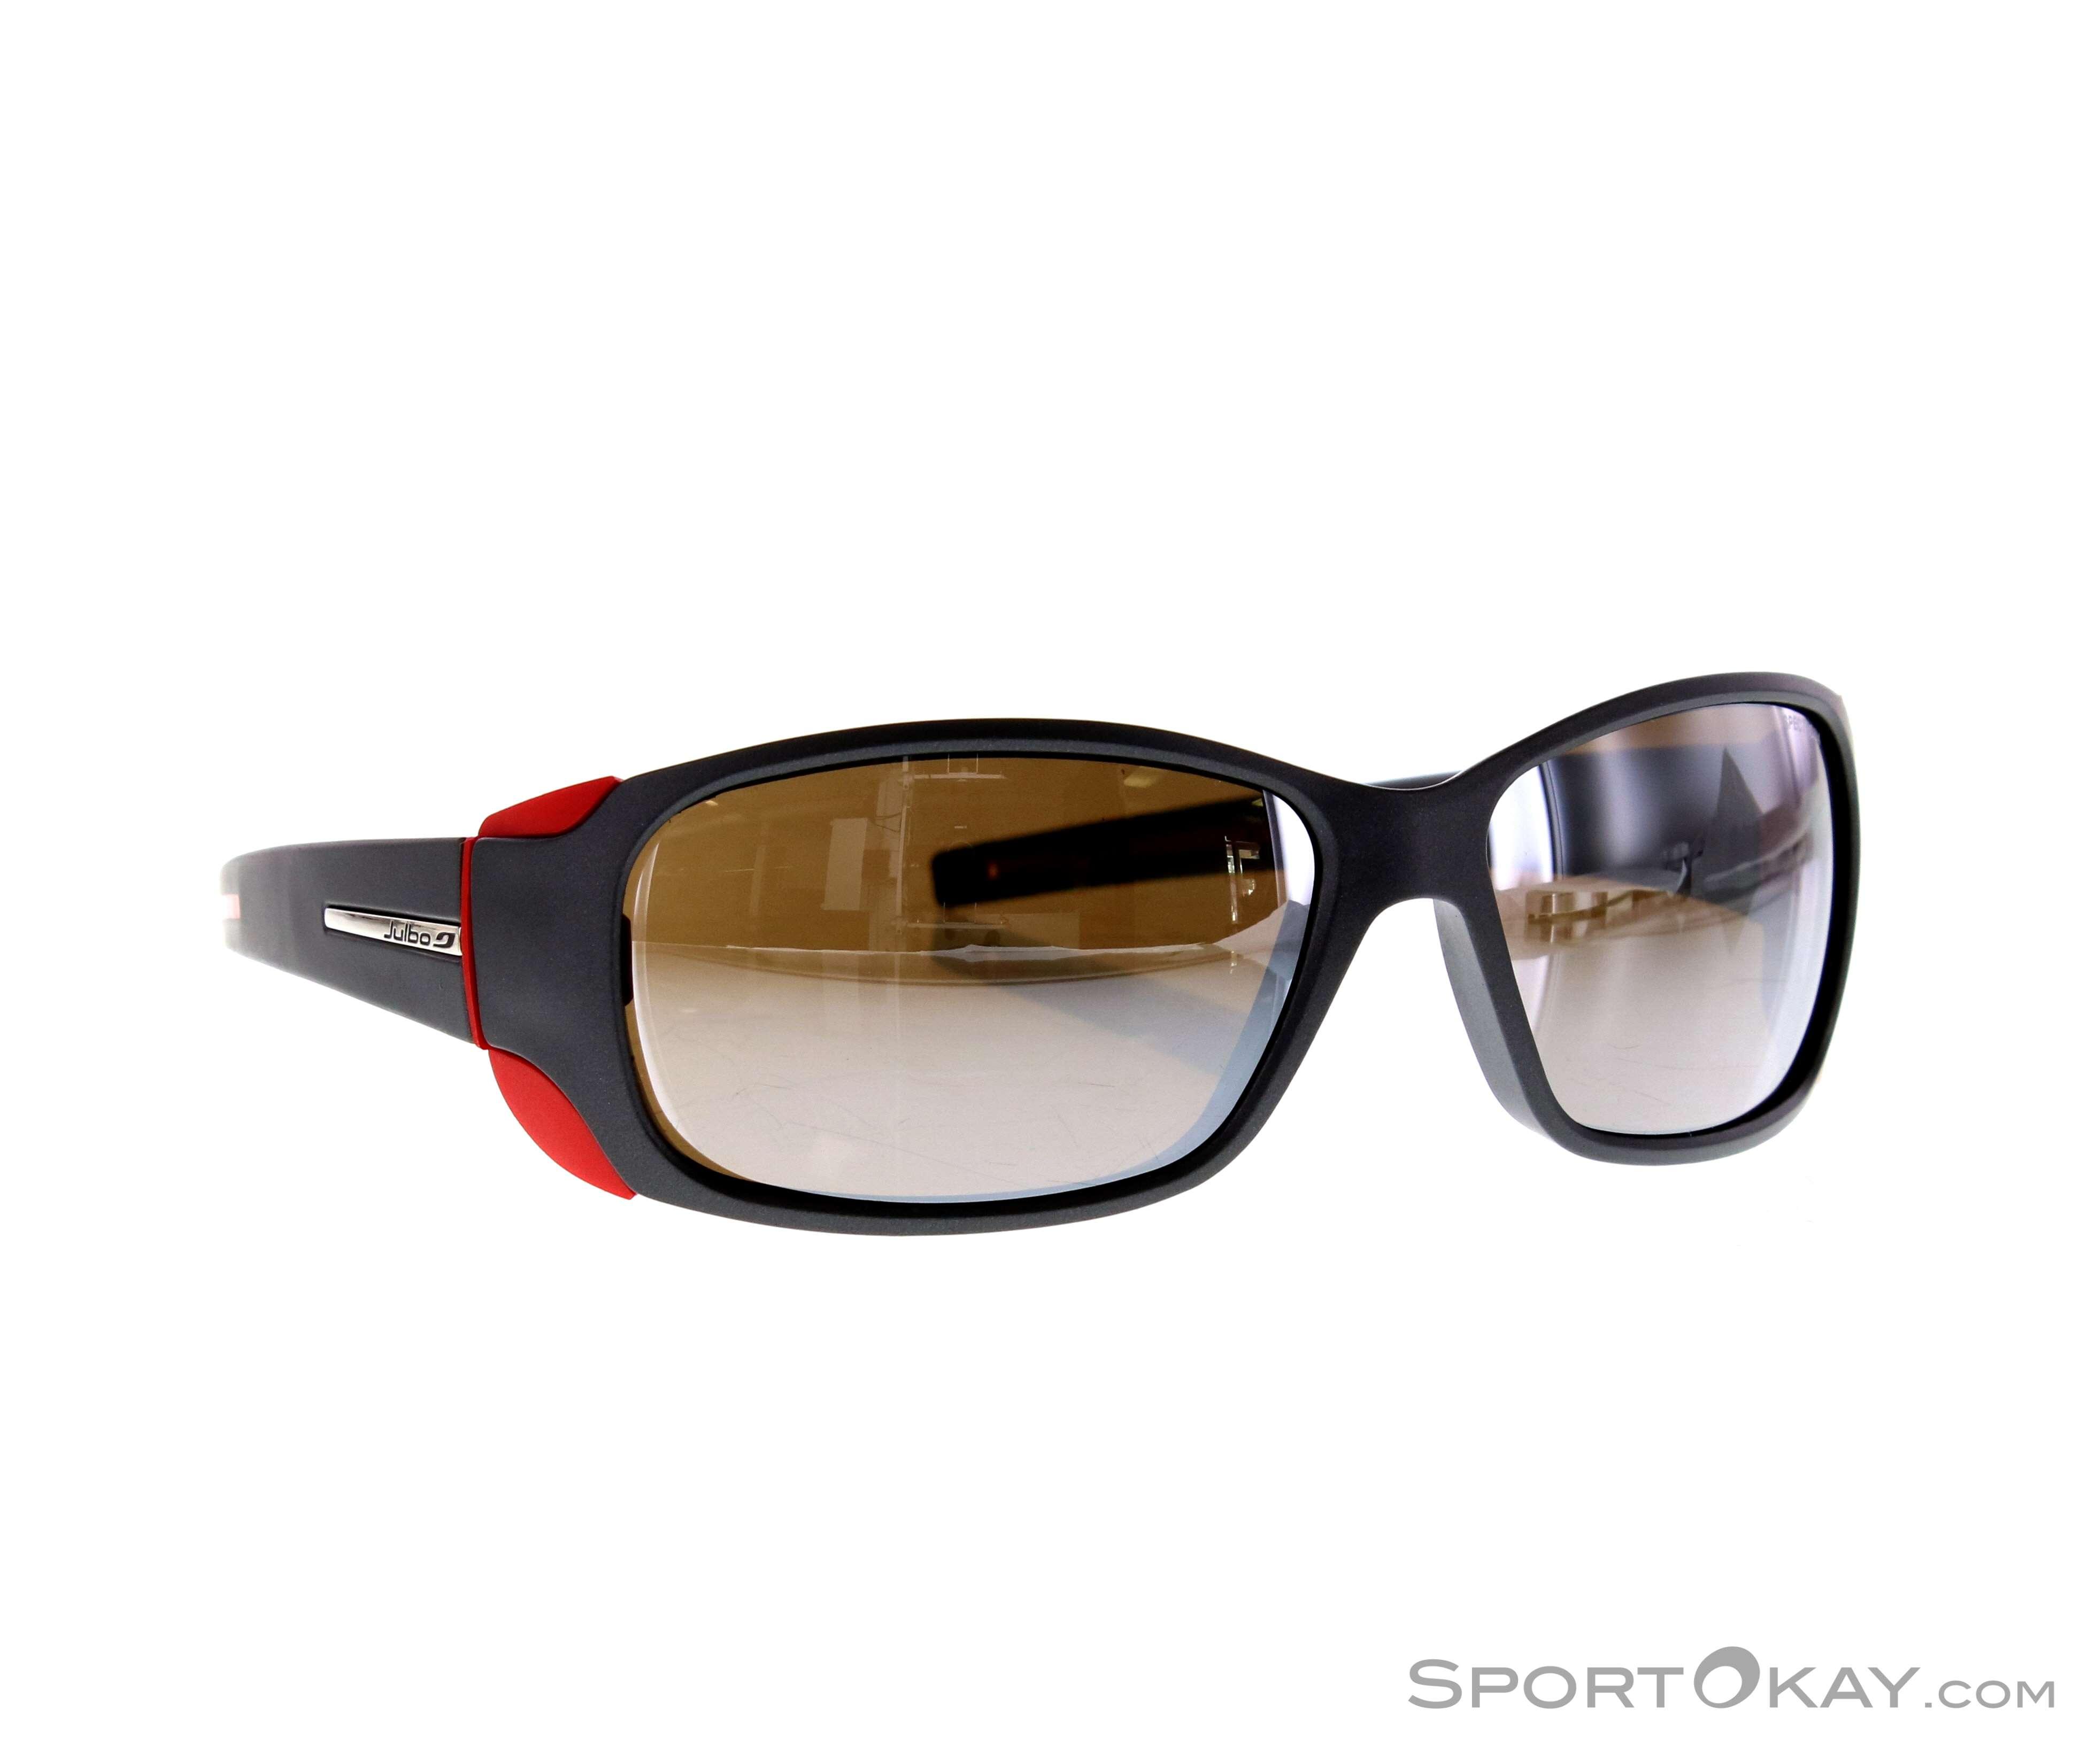 Julbo Monte Bianco Sonnenbrille - Sportbrillen - Sonnenbrillen ...